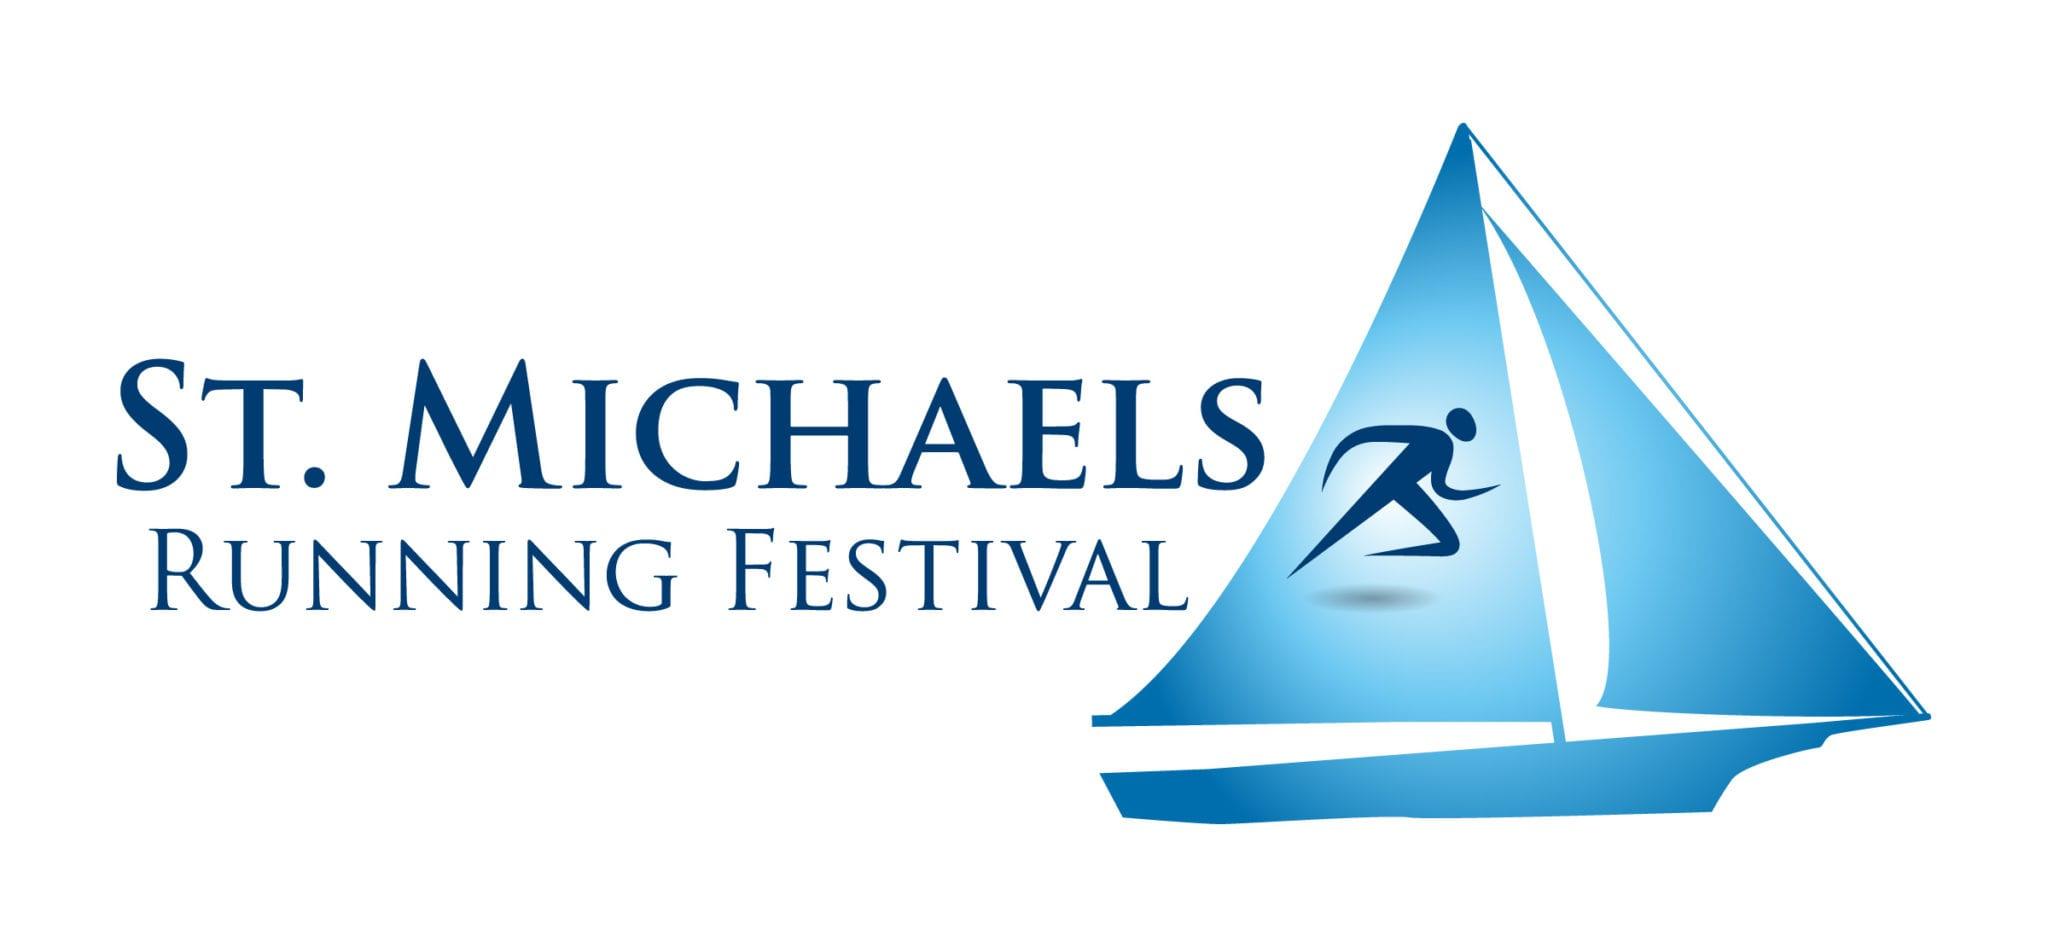 St. Michaels Running Festival logo on RaceRaves